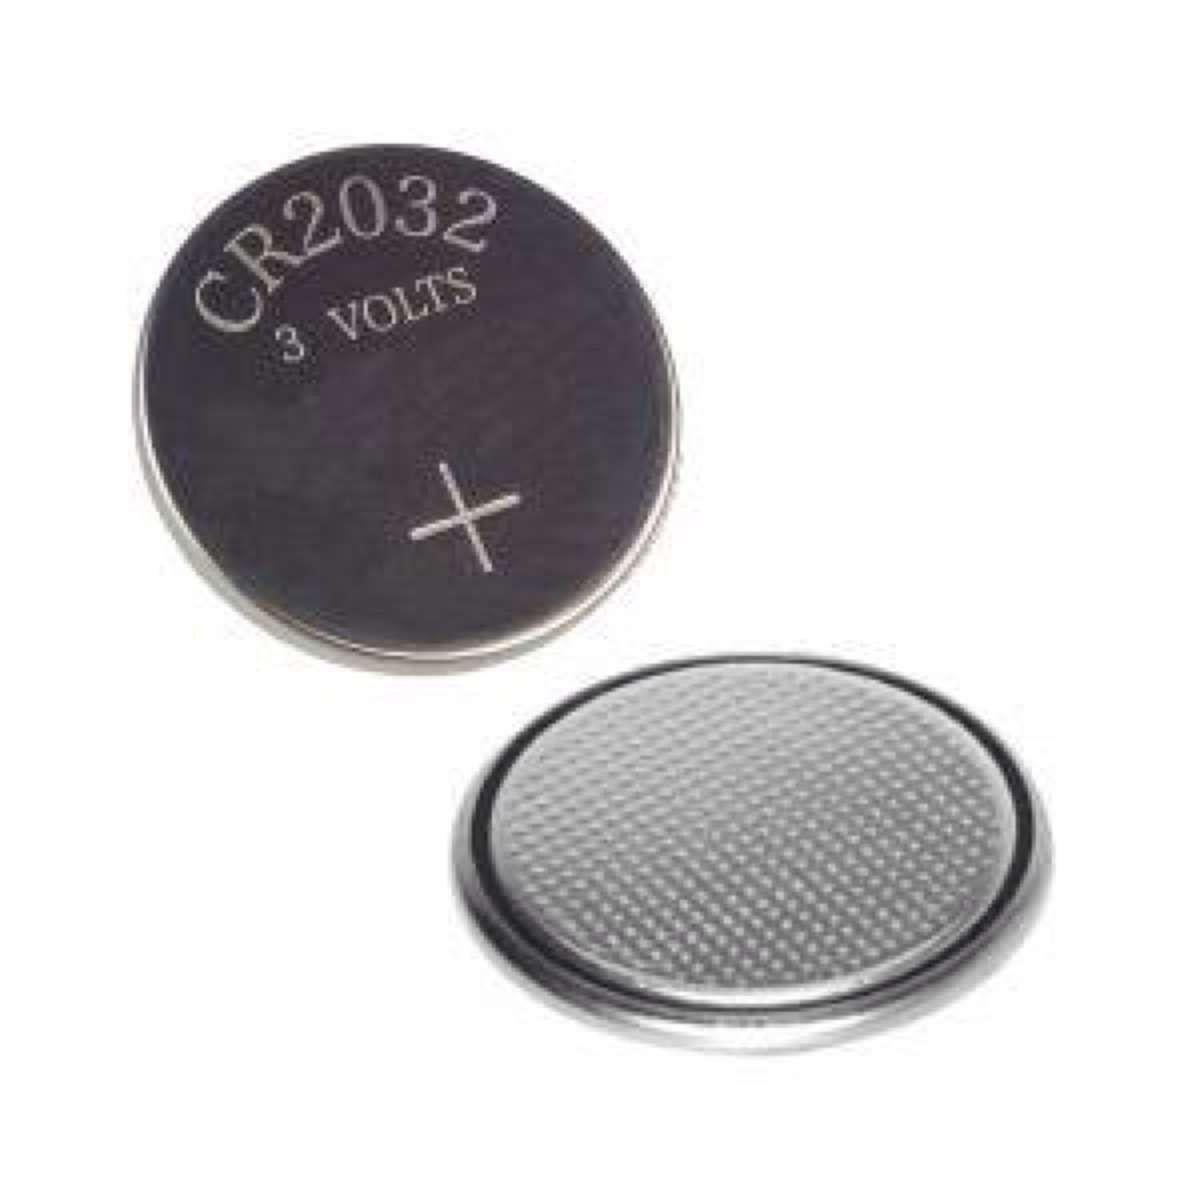 Bateria Alcalina CR2032 3v (Moeda) Cartela com 5 uni.